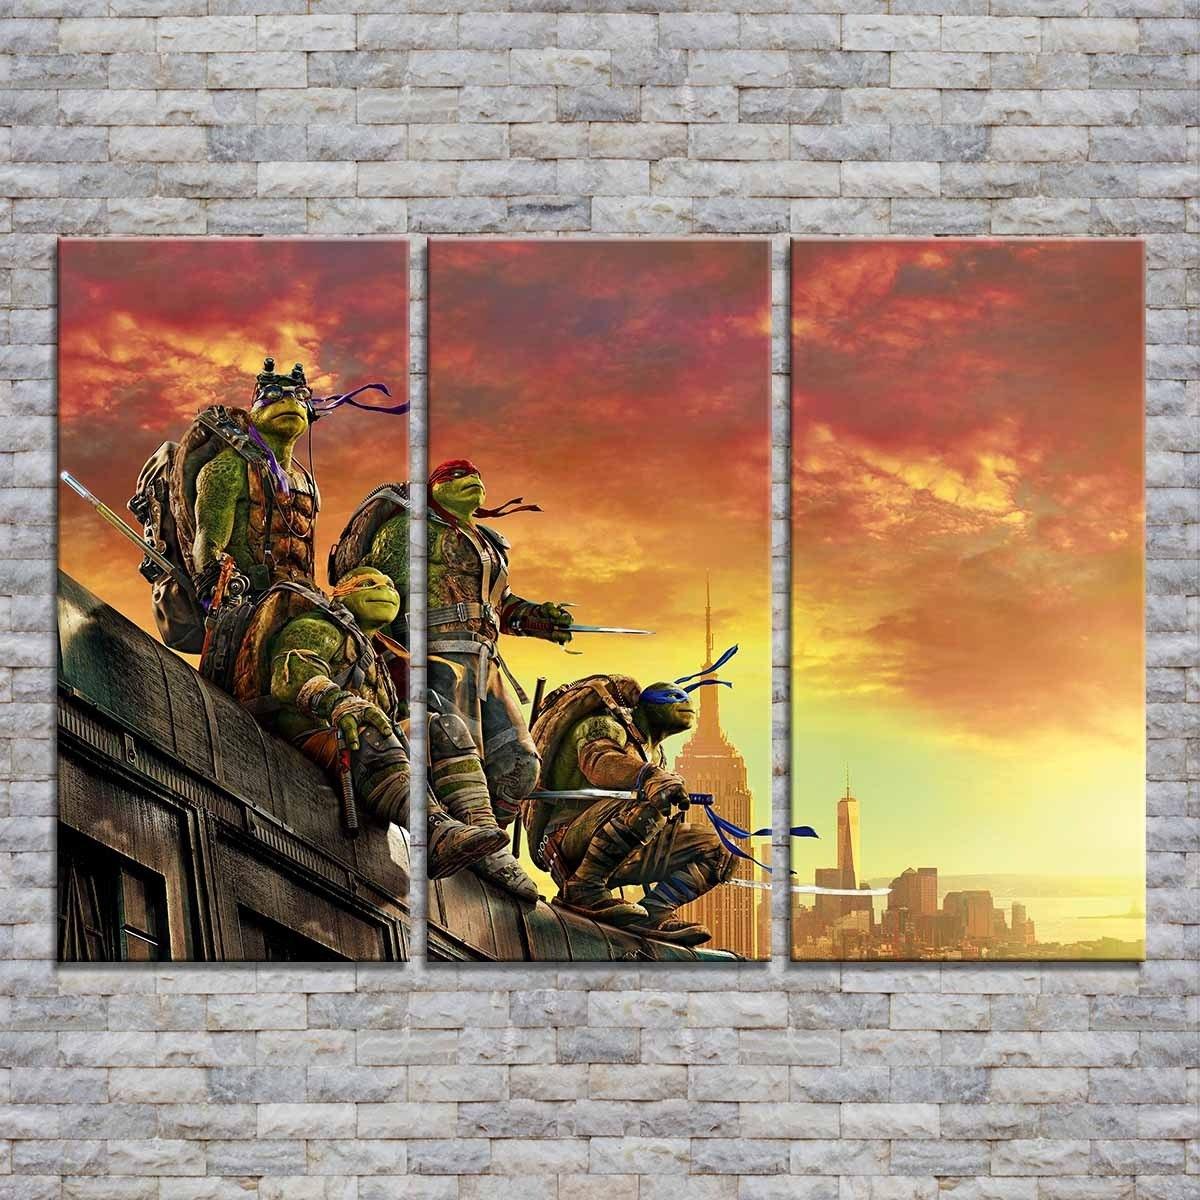 Cuadros Trípticos 90x60 Película Las Tortugas Ninjas Y Más - $ 1.599 ...